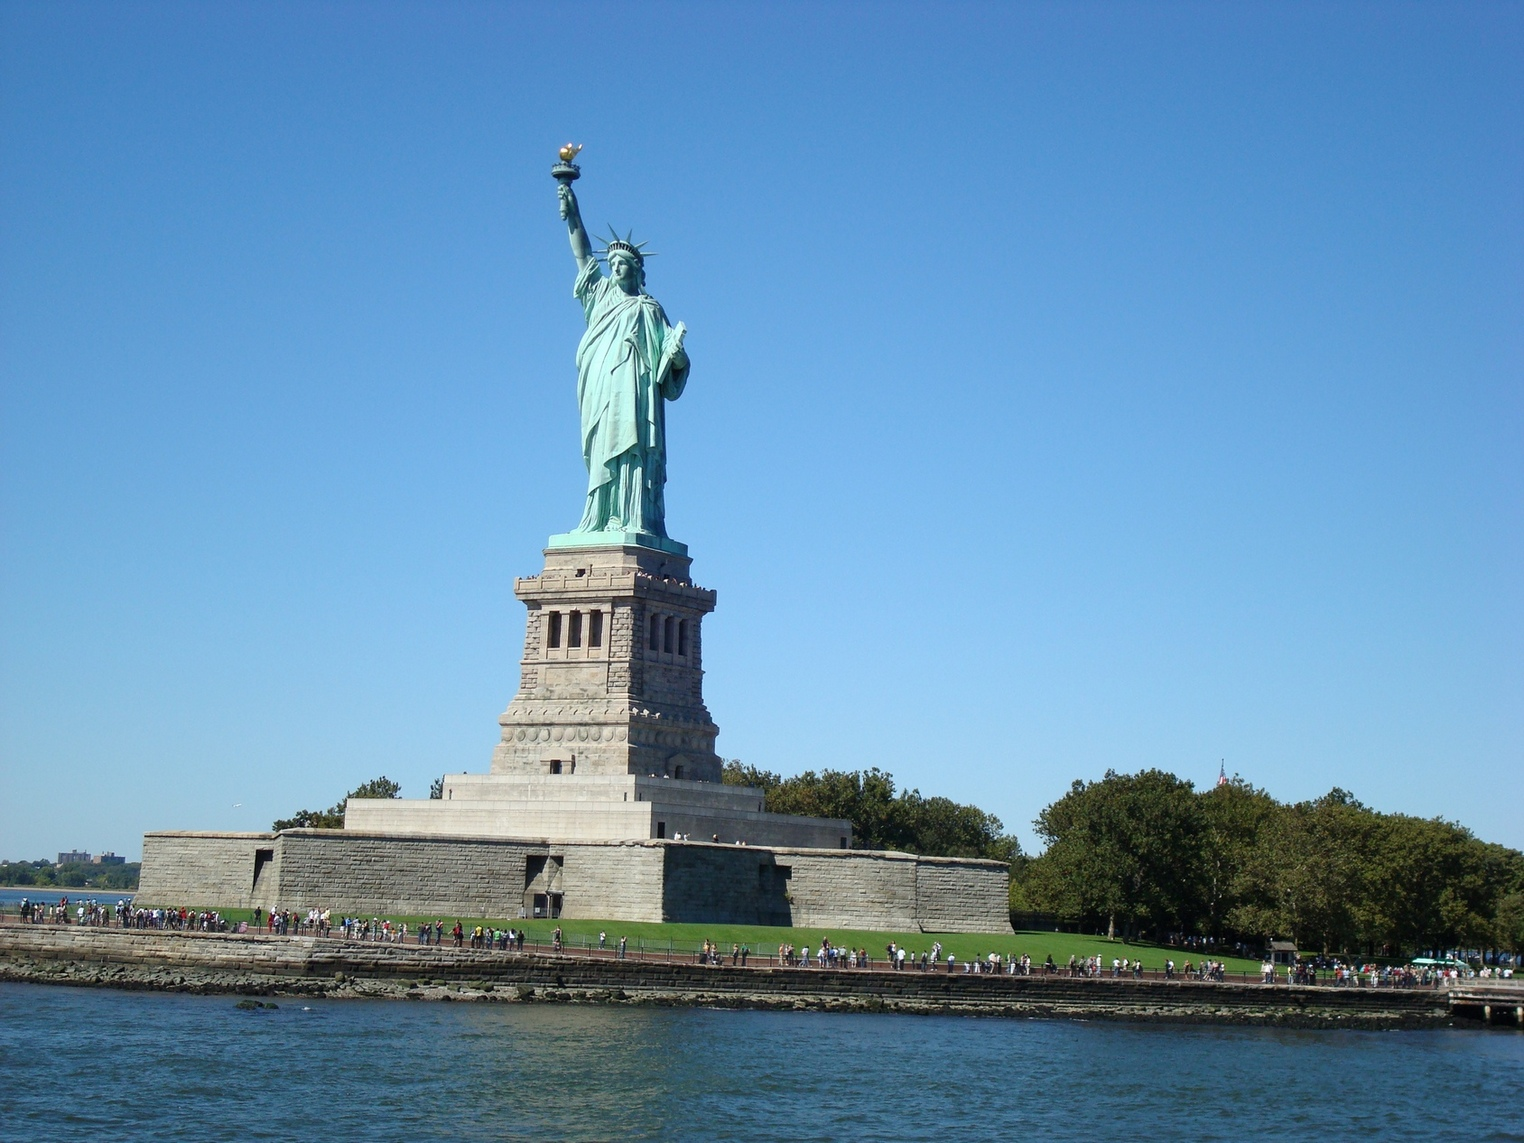 New York City_StatueofLiberty_Approaching